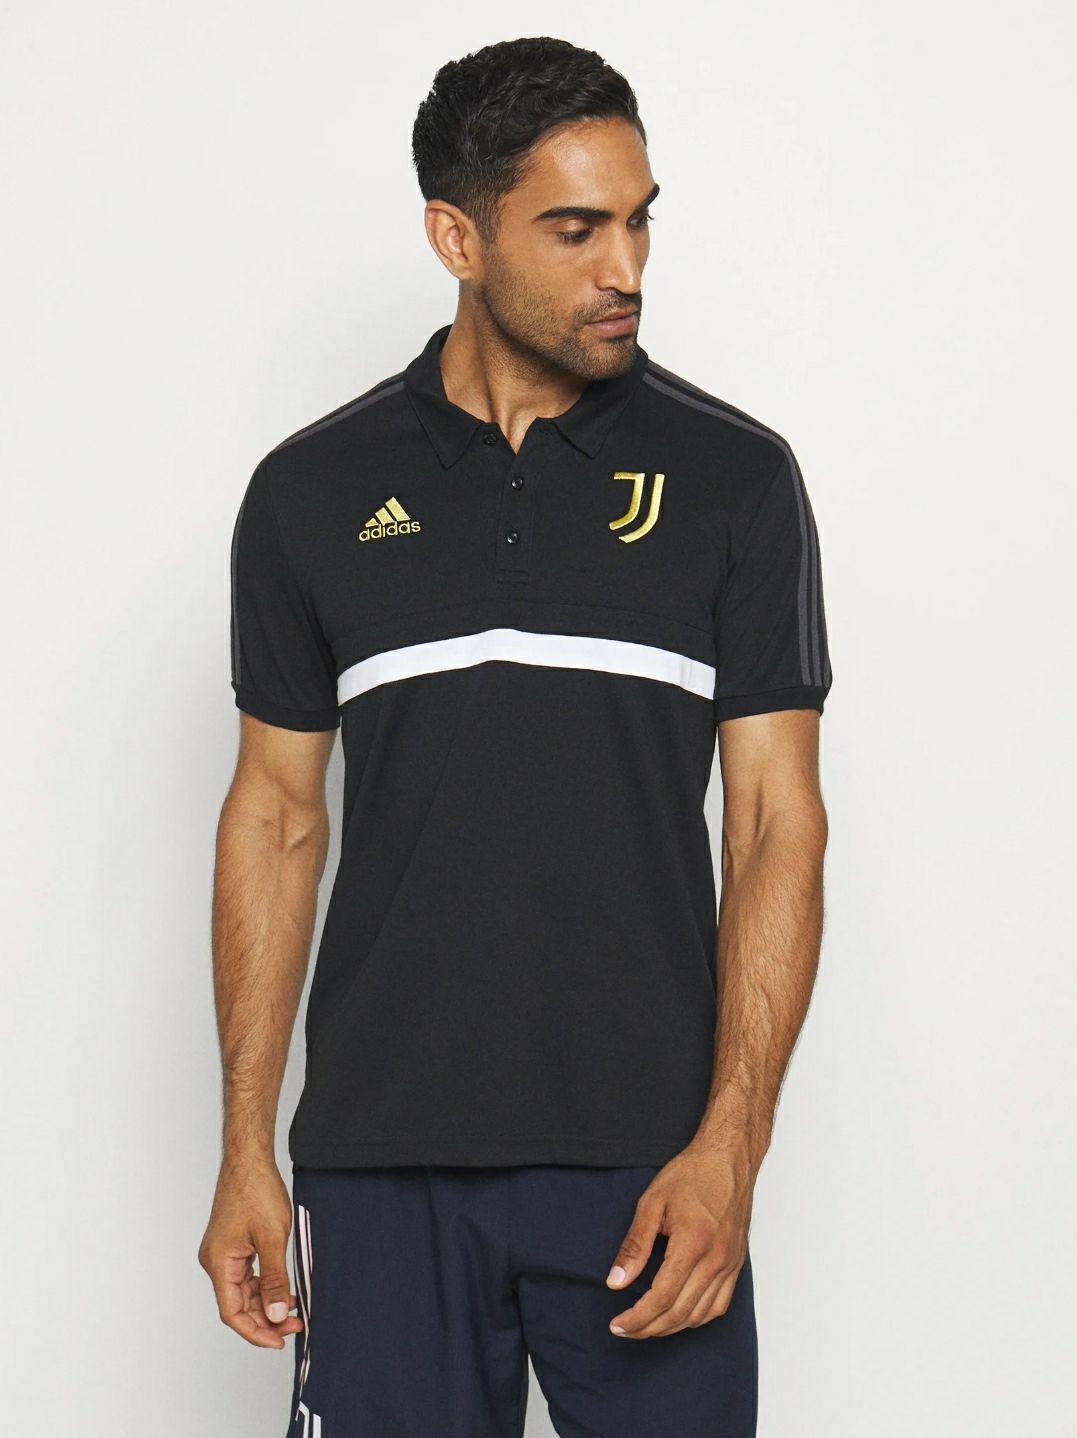 Polo Adidas Juventus de Turín. Todas las tallas